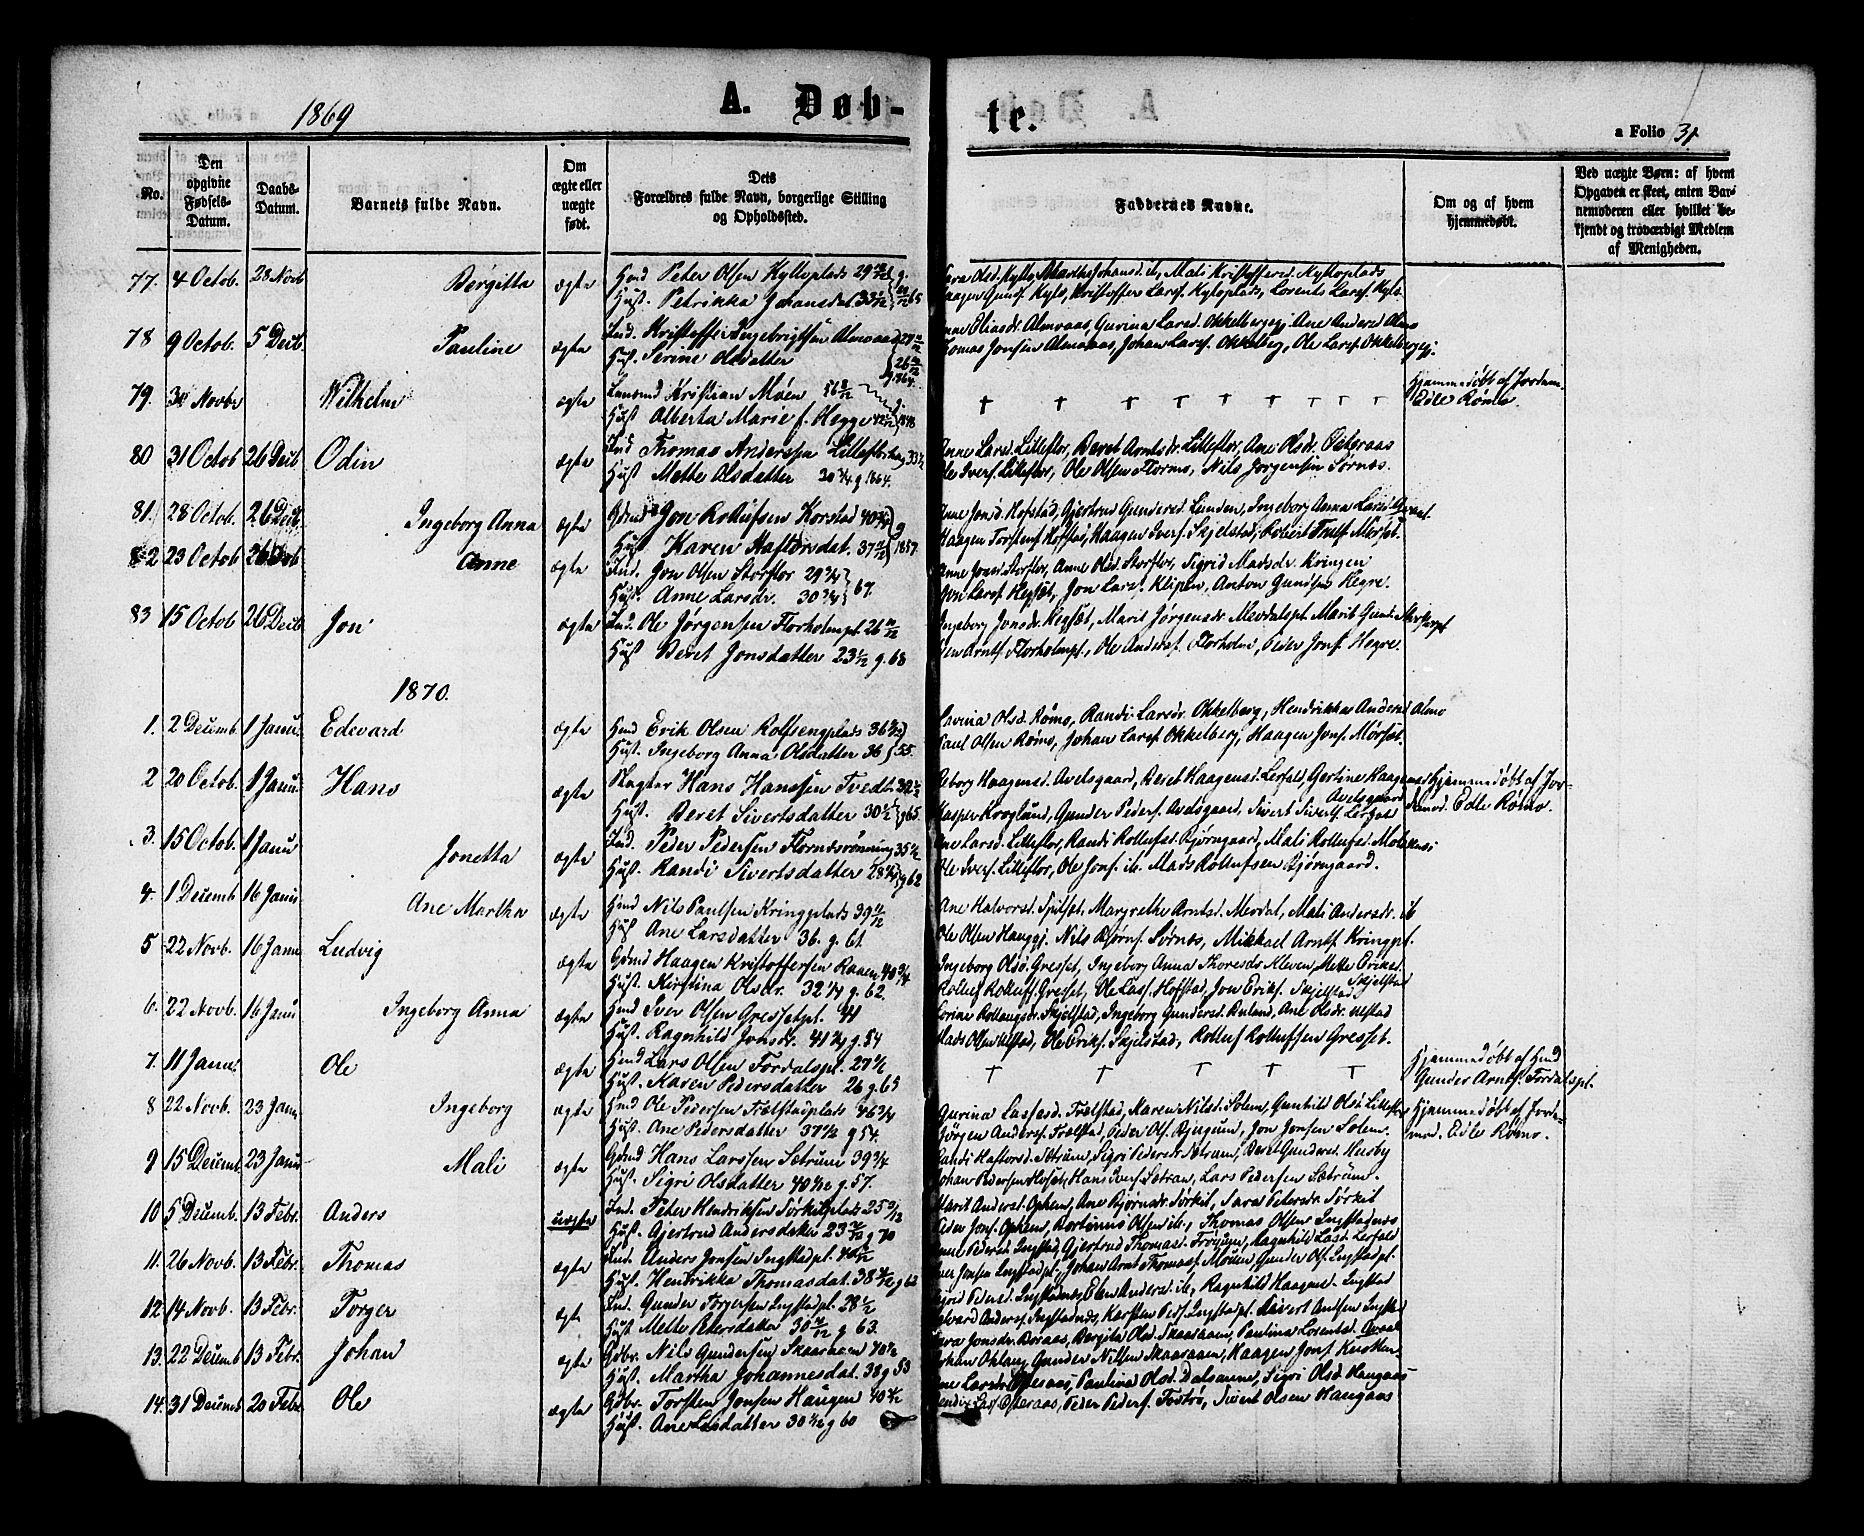 SAT, Ministerialprotokoller, klokkerbøker og fødselsregistre - Nord-Trøndelag, 703/L0029: Ministerialbok nr. 703A02, 1863-1879, s. 31